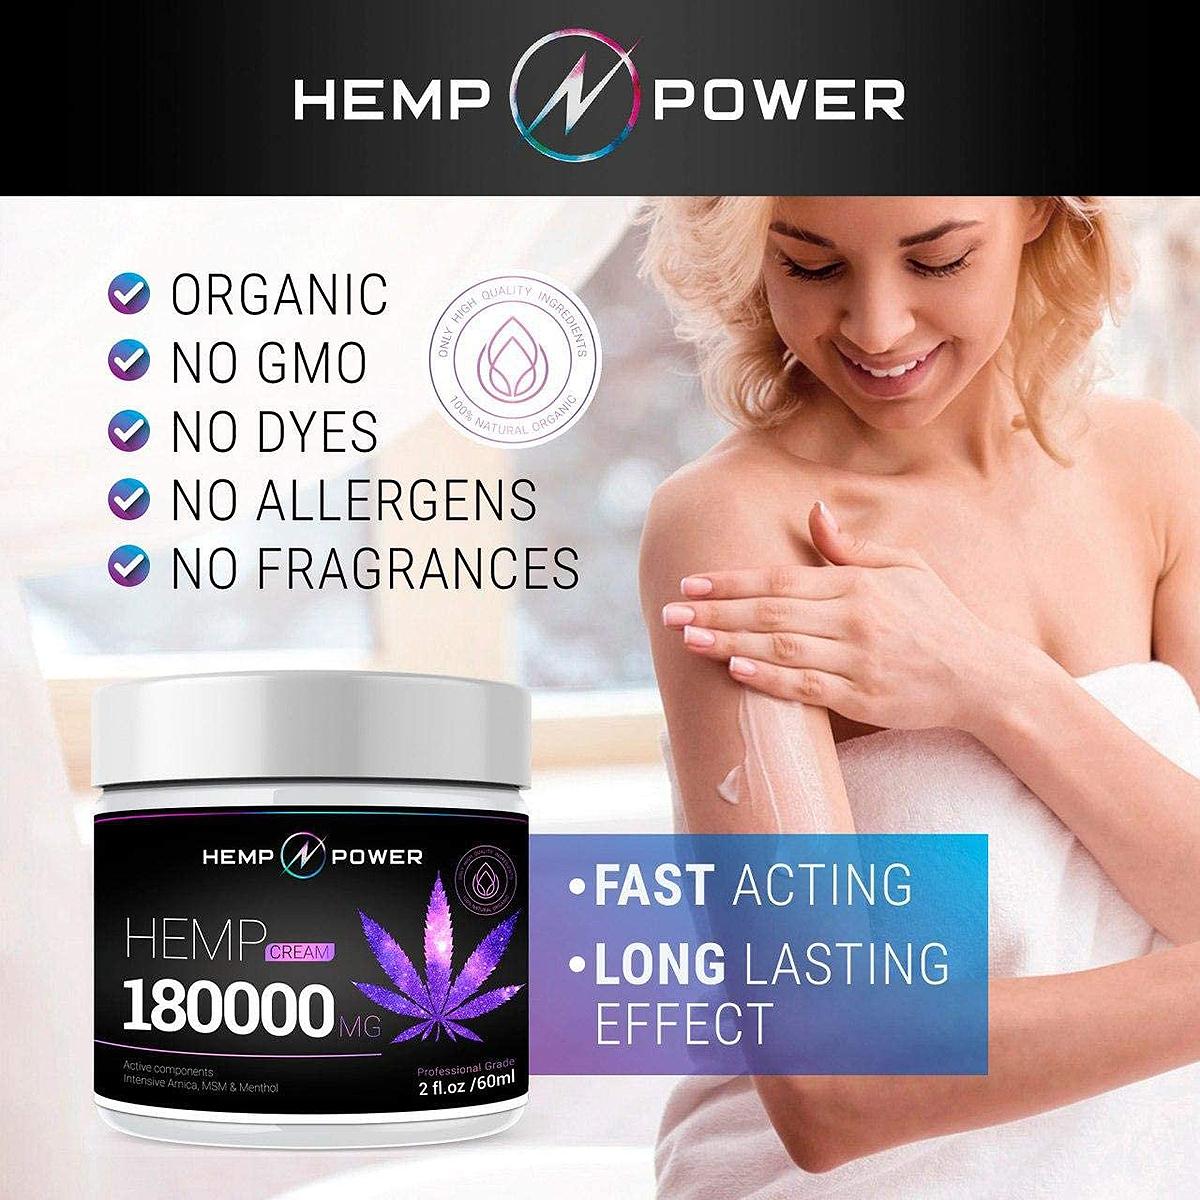 hemp-power-organic